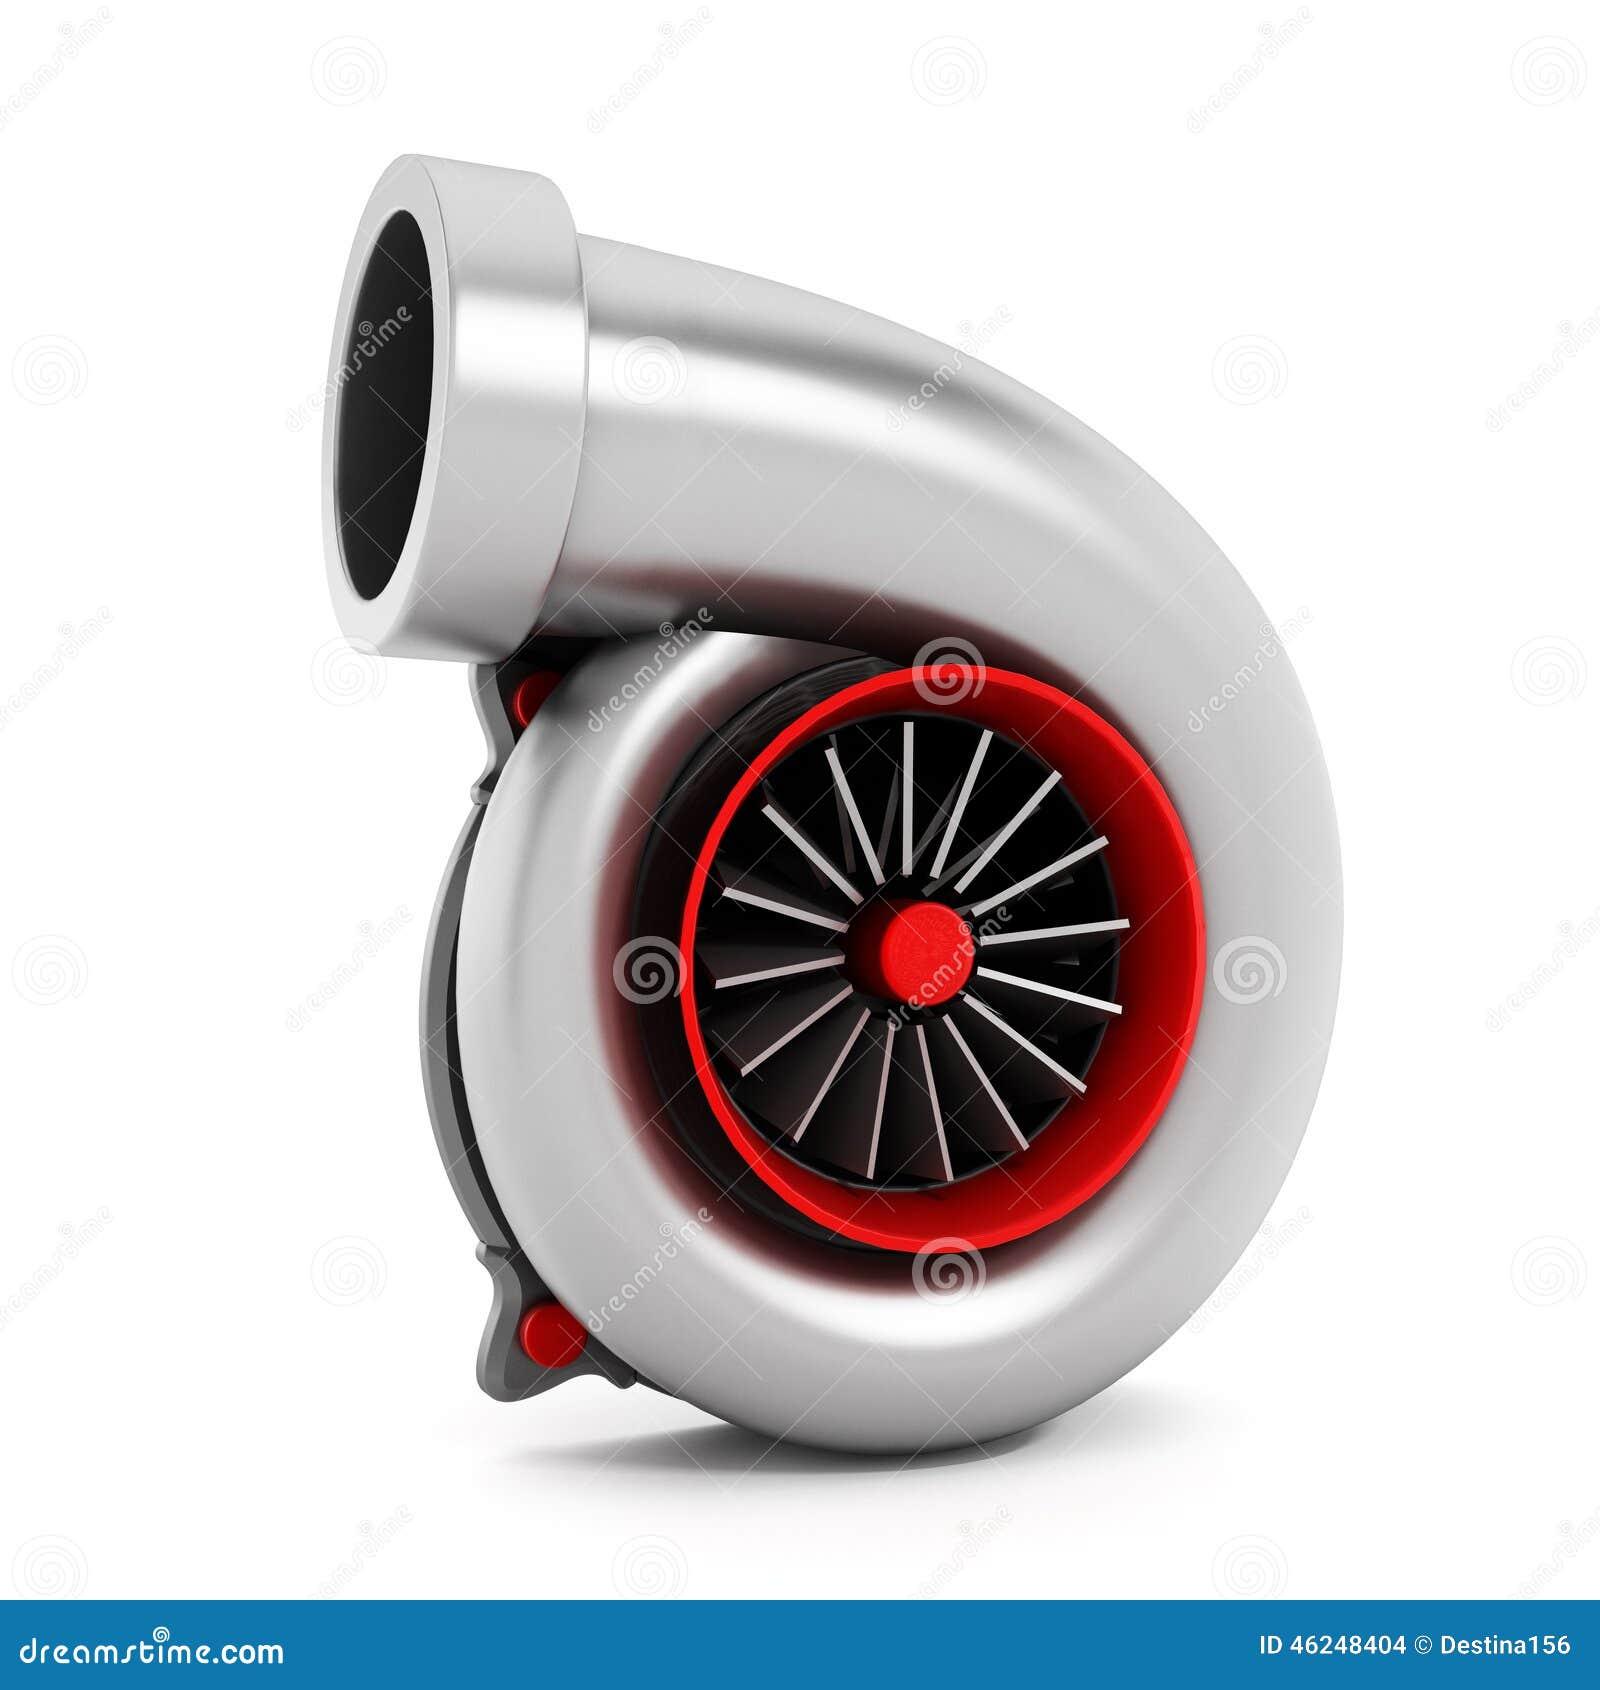 voiture turbo illustration stock image 46248404. Black Bedroom Furniture Sets. Home Design Ideas